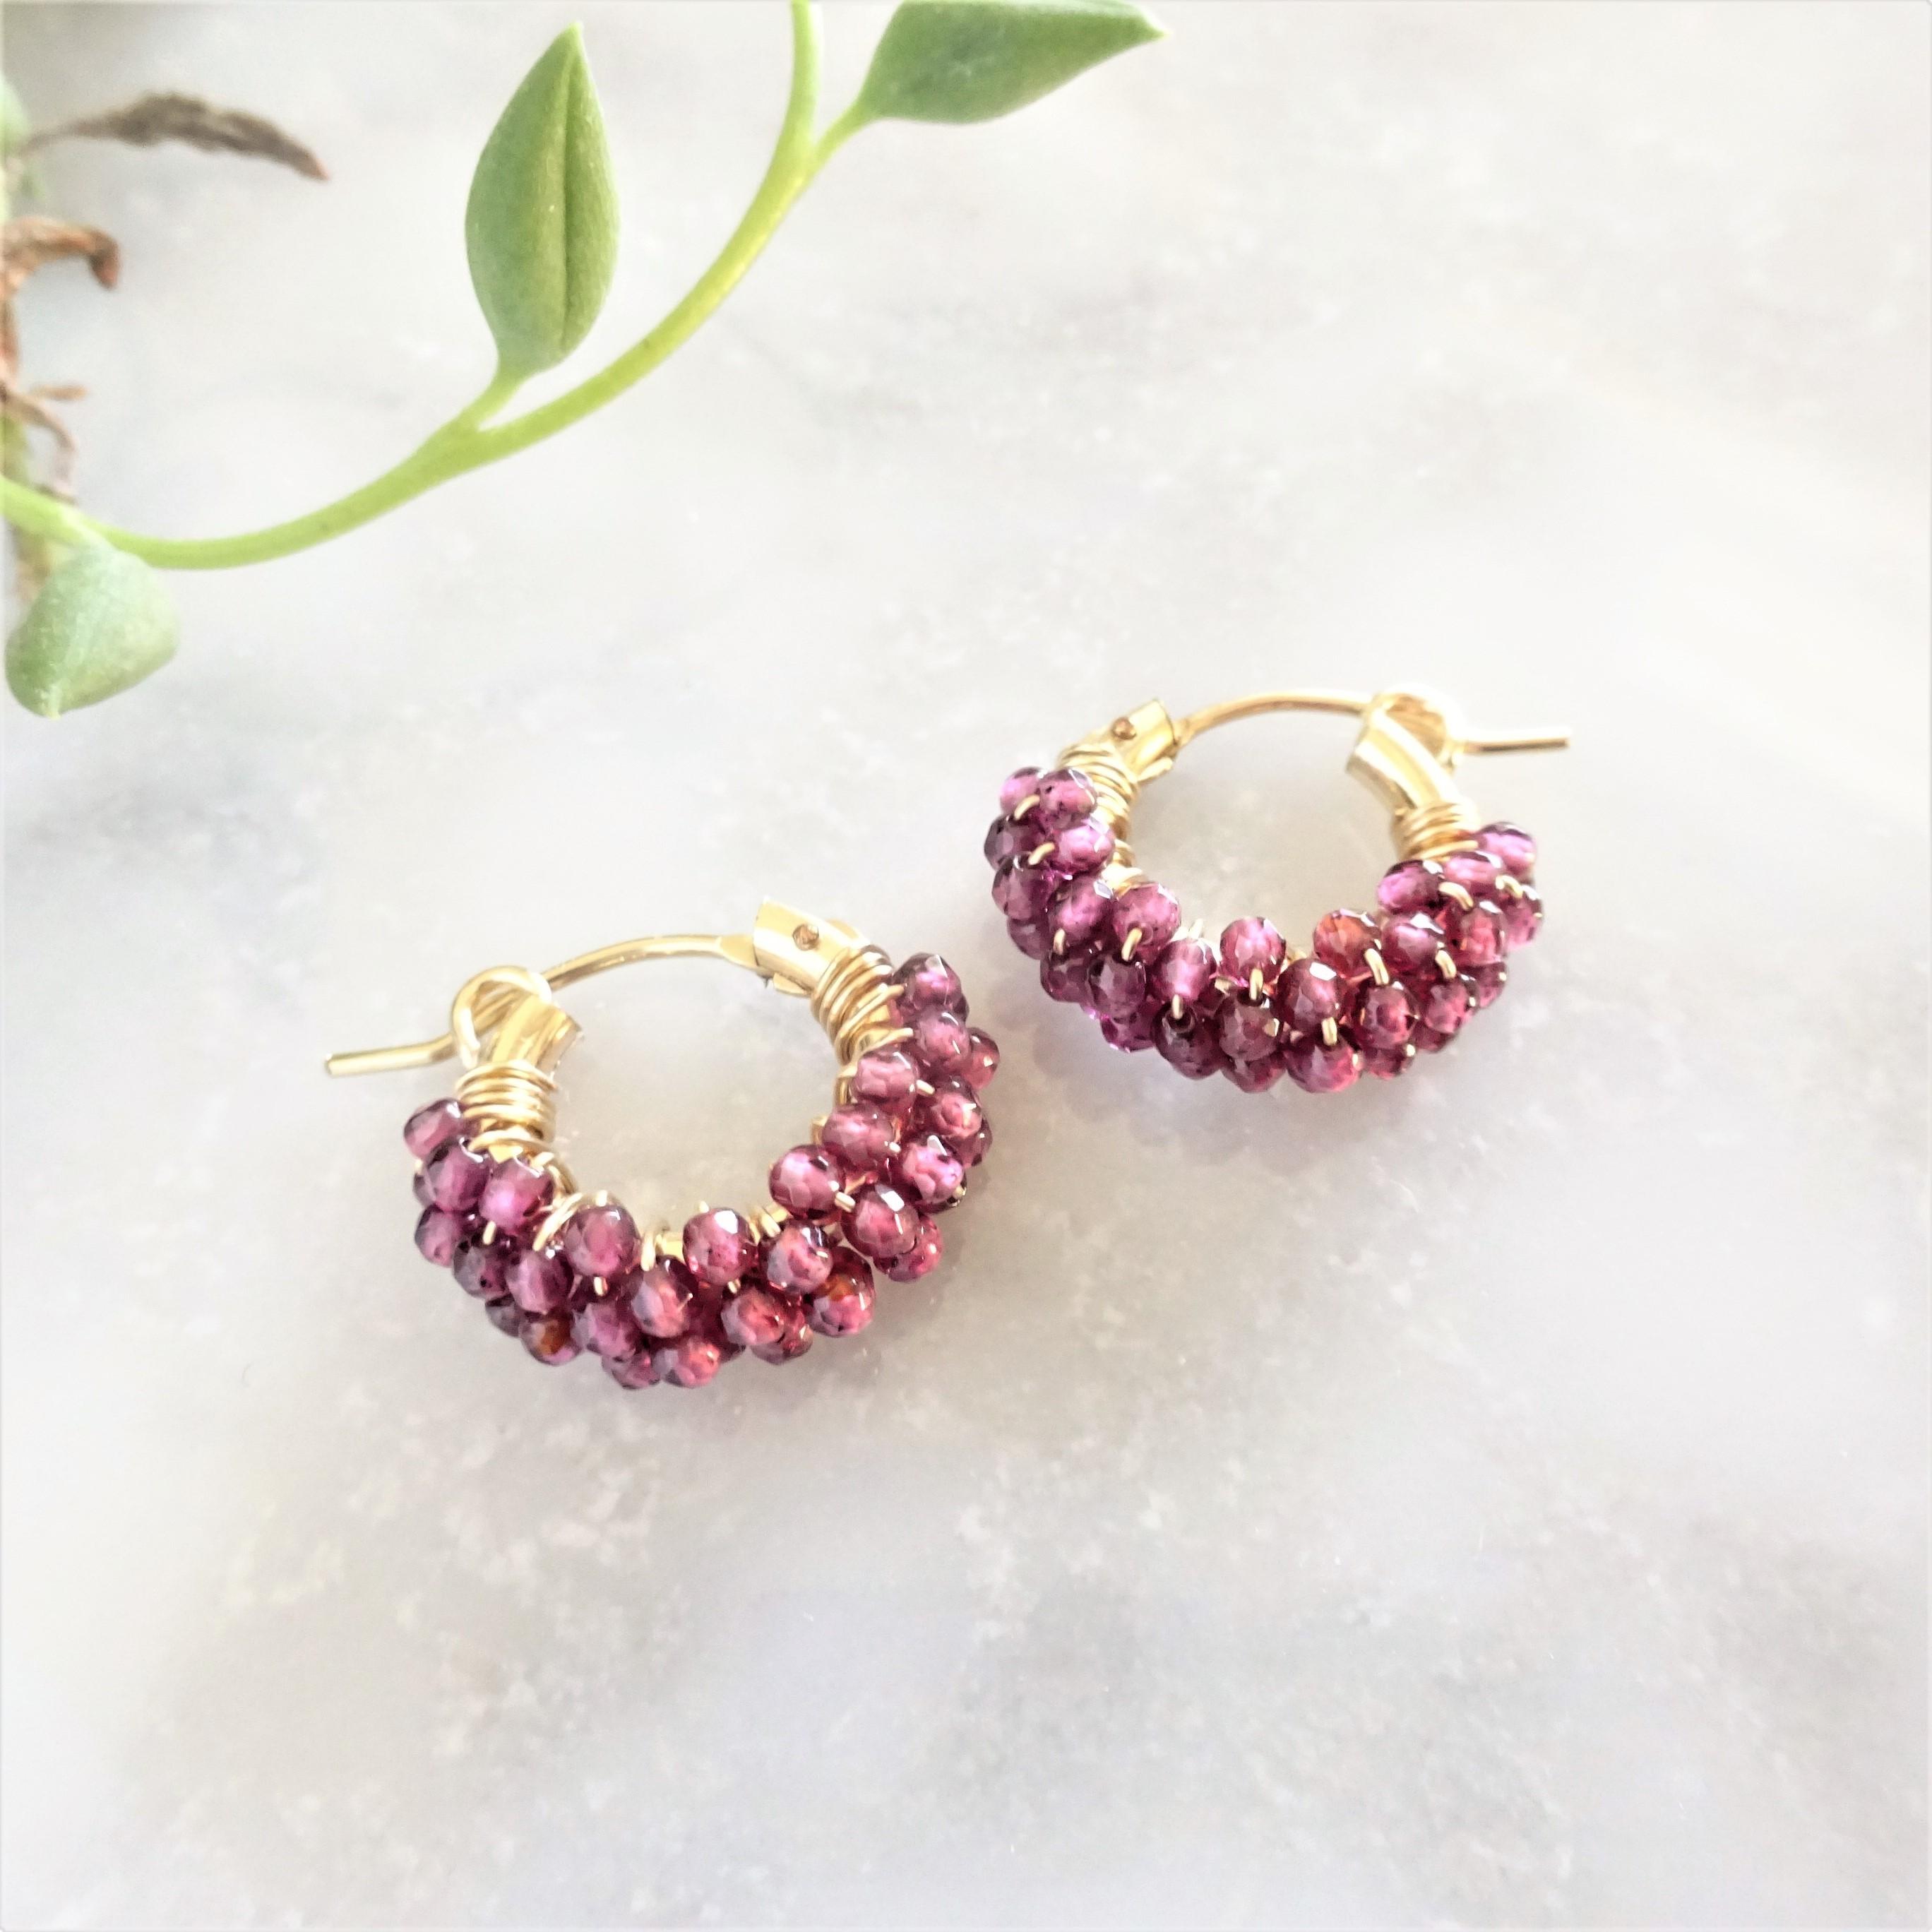 送料無料14kgf*AAA Garnet pavé earring / pierced earring